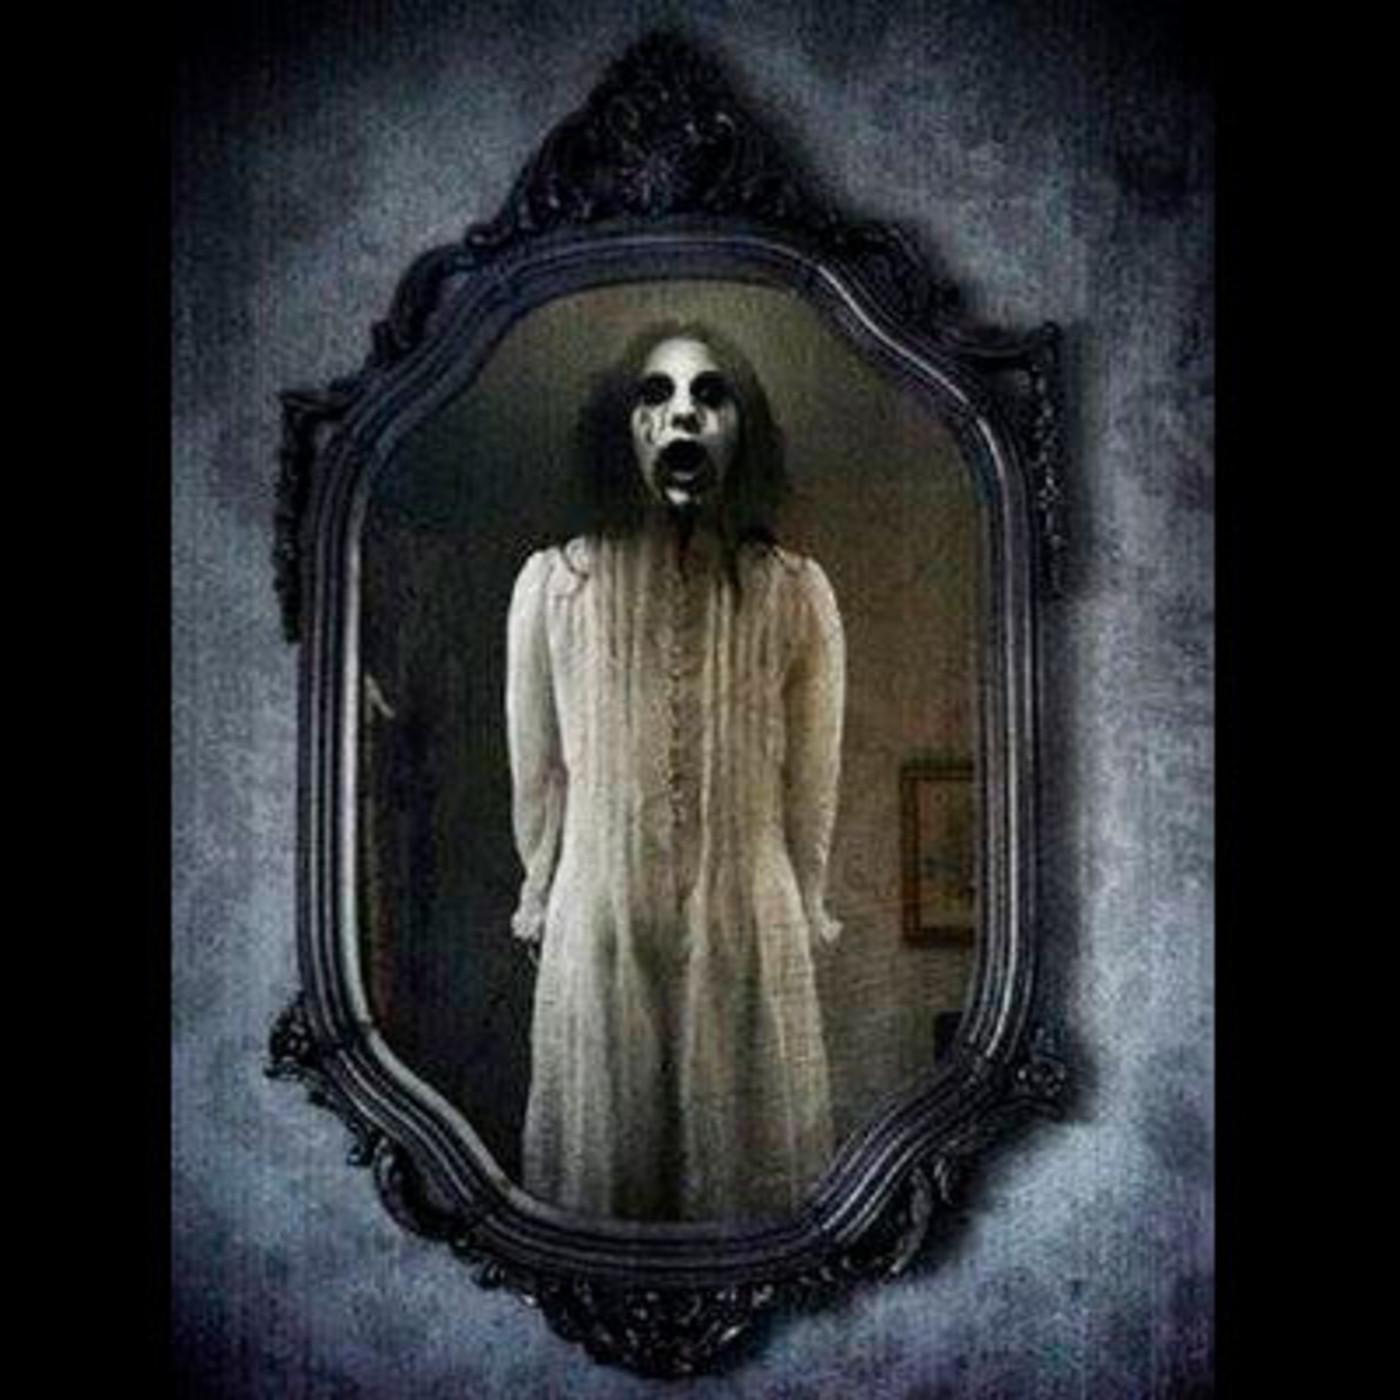 Viaje a otra dimensi n te miran desde el espejo en - Espejo de viaje ...